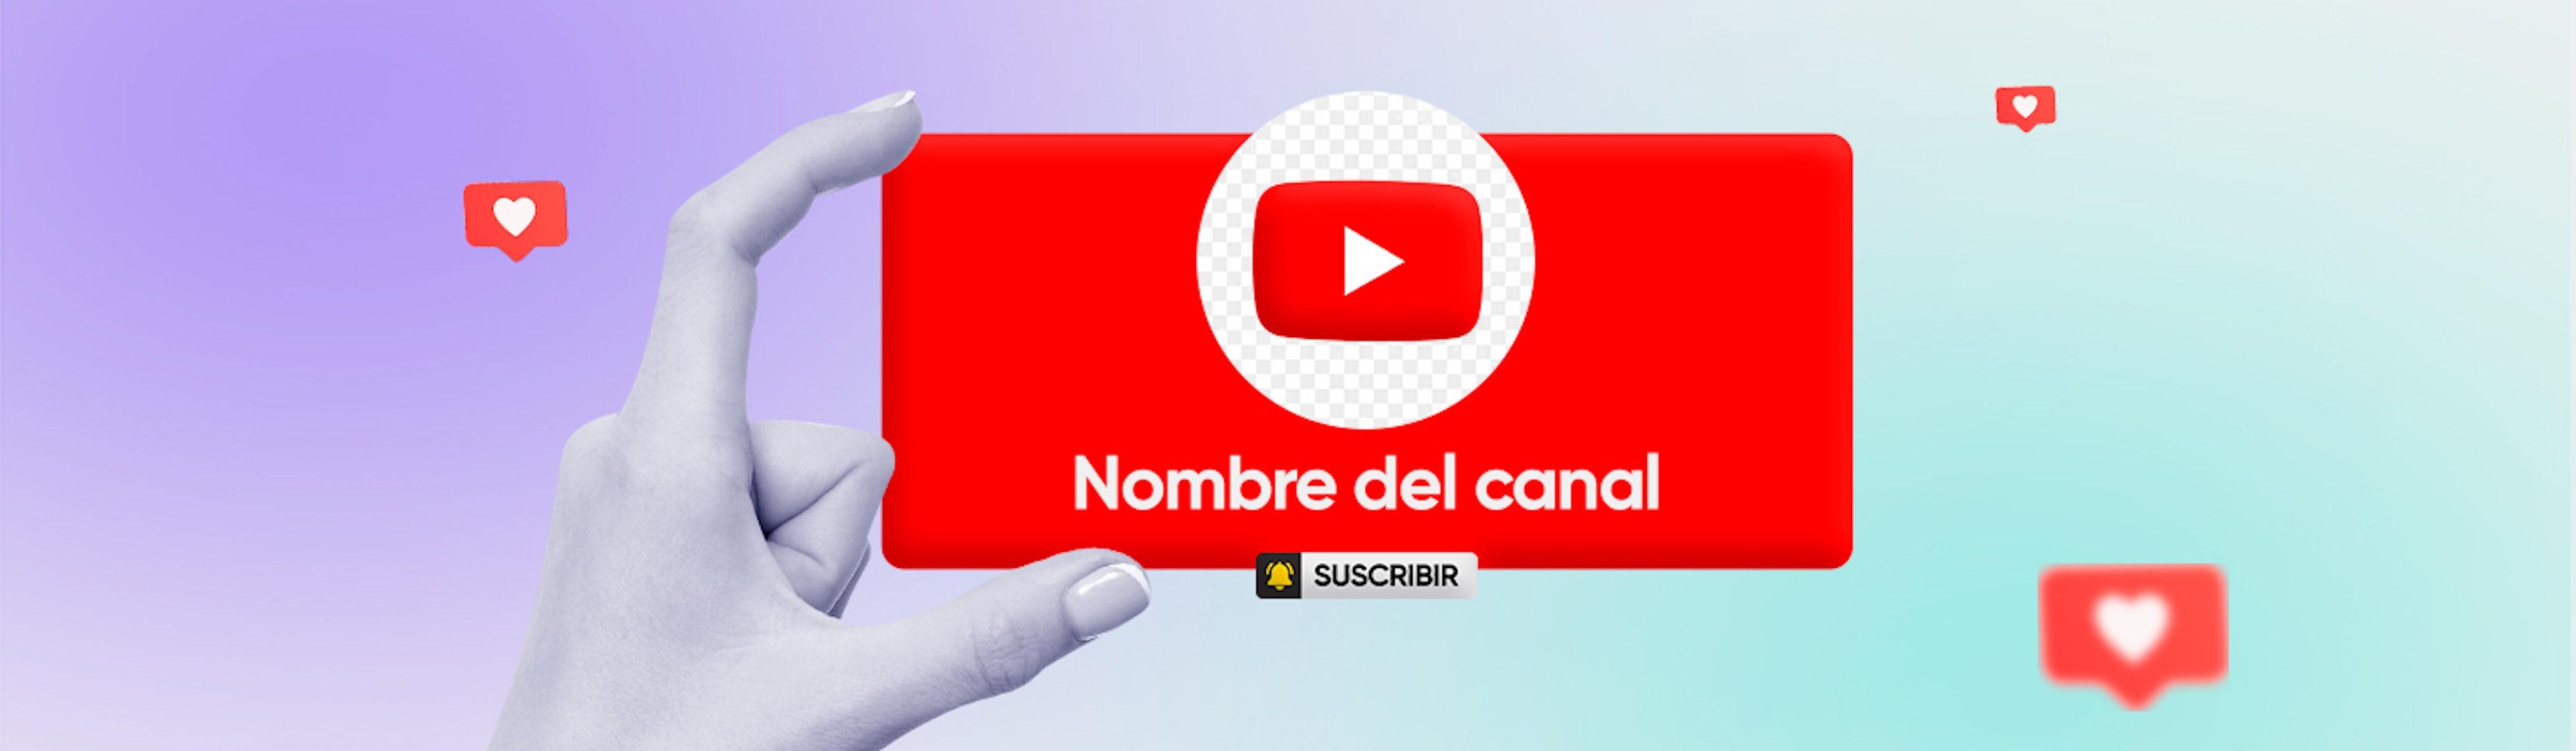 50 ideas de nombres para YouTube que te llenarán de inspiración para tu canal